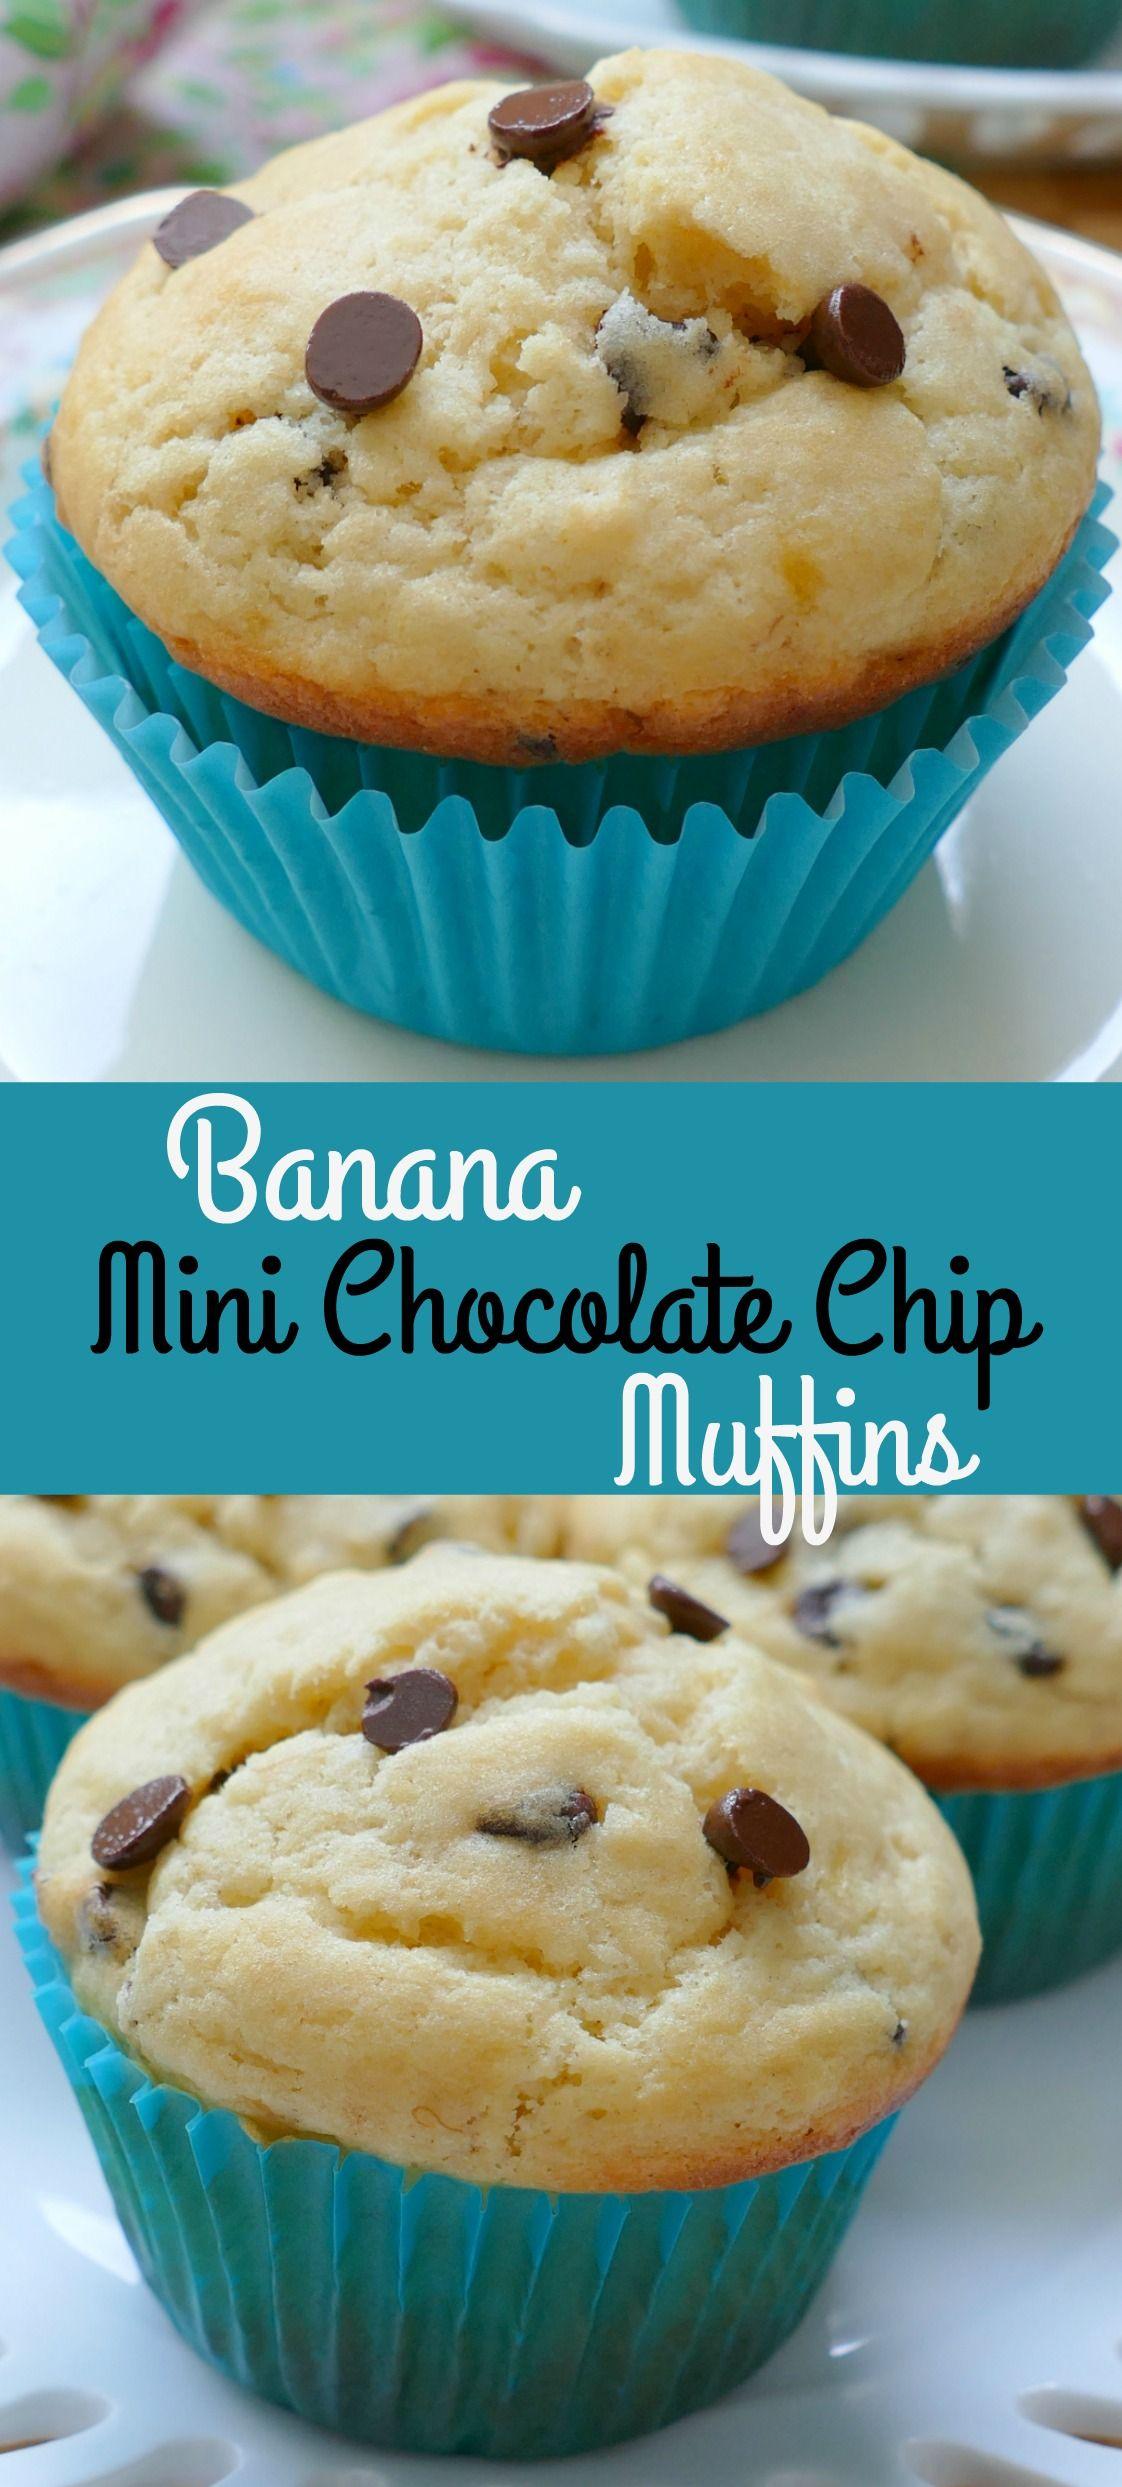 Banana Mini Chocolate Chip Muffins Recipe